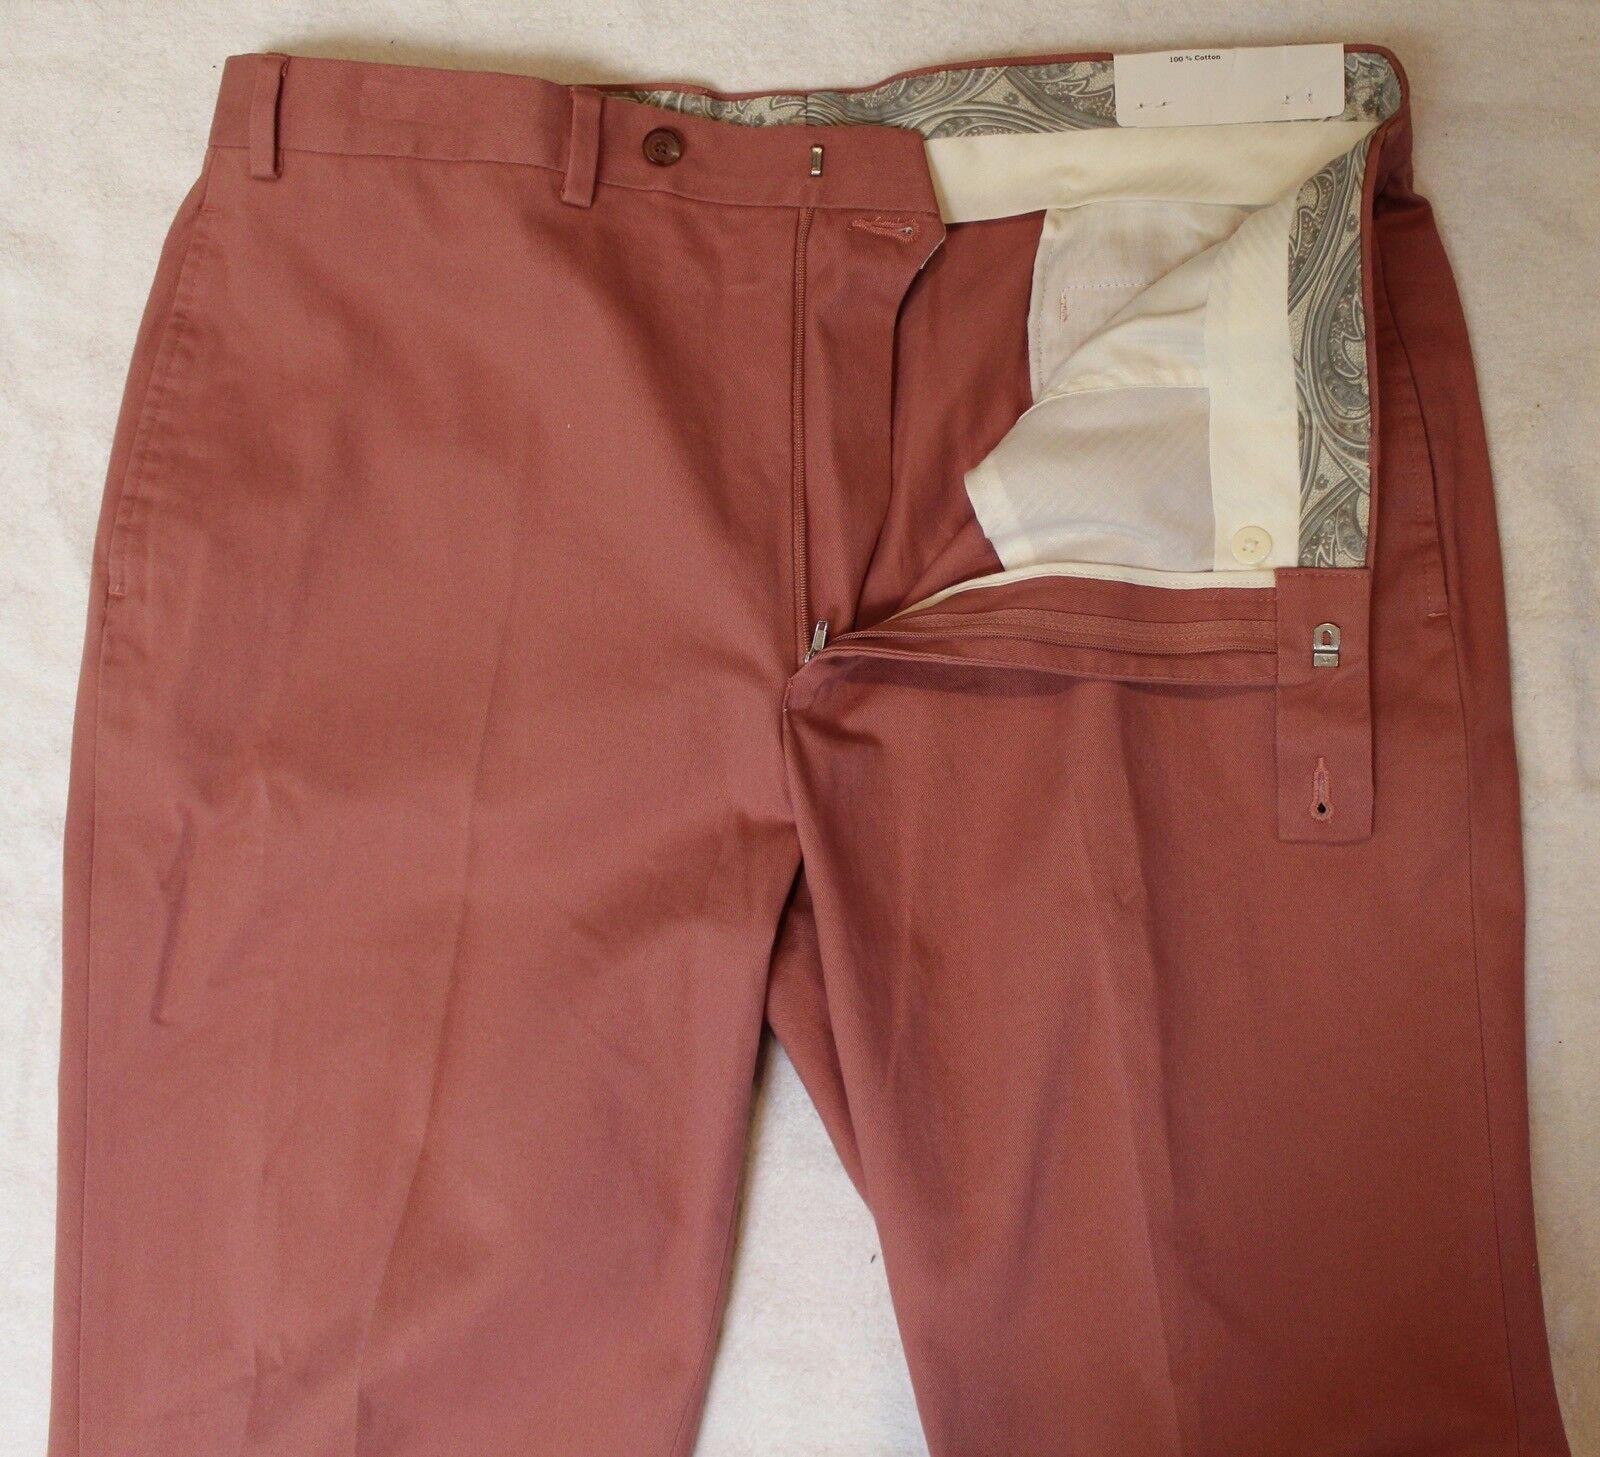 Ralph Lauren Mens Pale Red Flat-Front Cotton Dress Pants NWT  Size 34 x 32